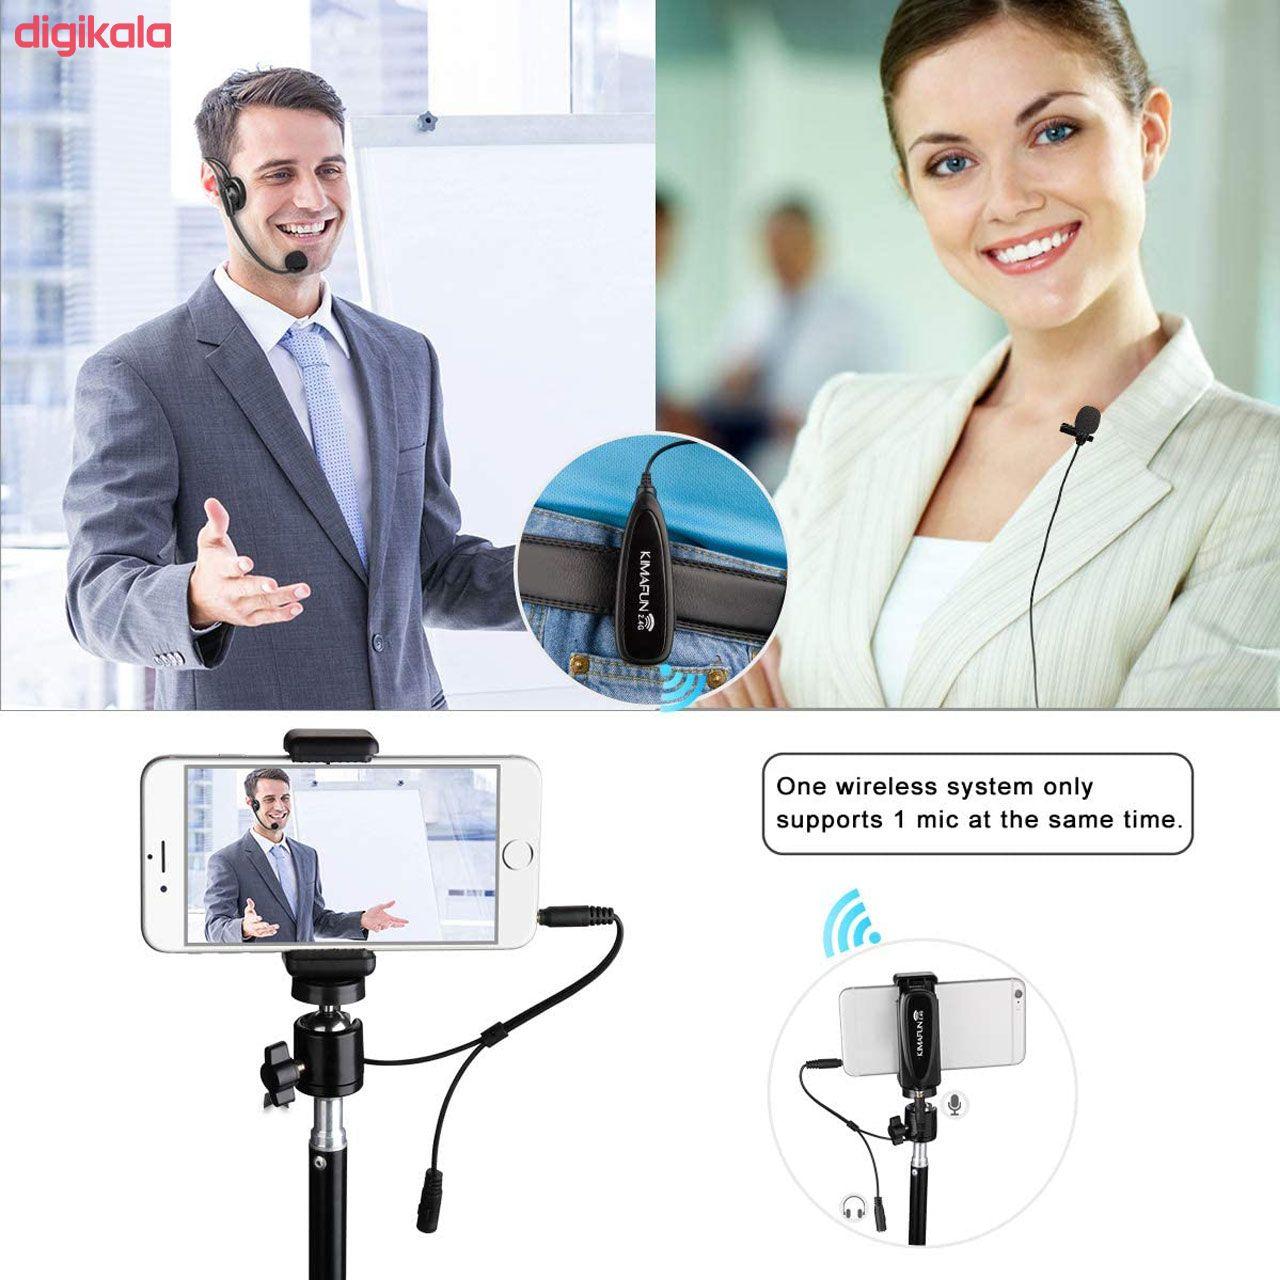 میکروفون بی سیم کیمافون مدل KM-G102-3 main 1 11